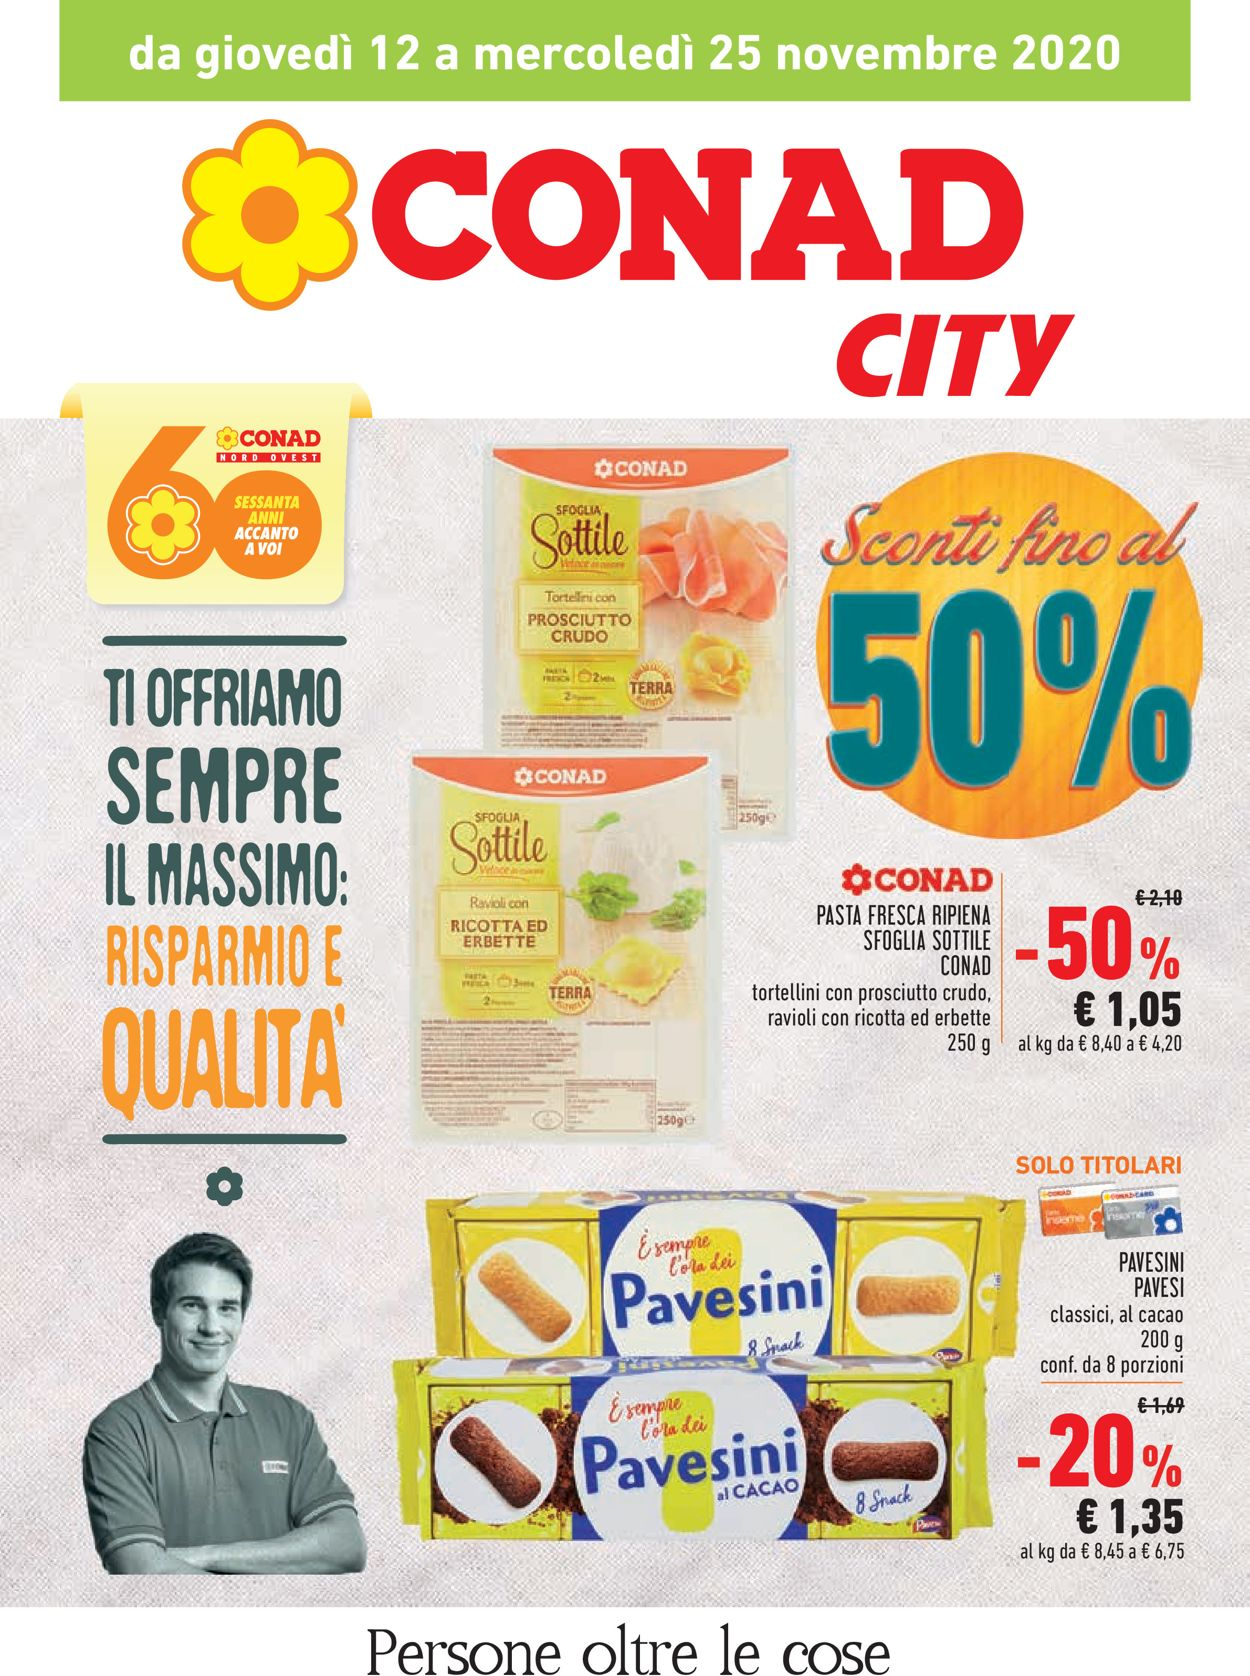 Volantino Conad - Offerte 12/11-25/11/2020